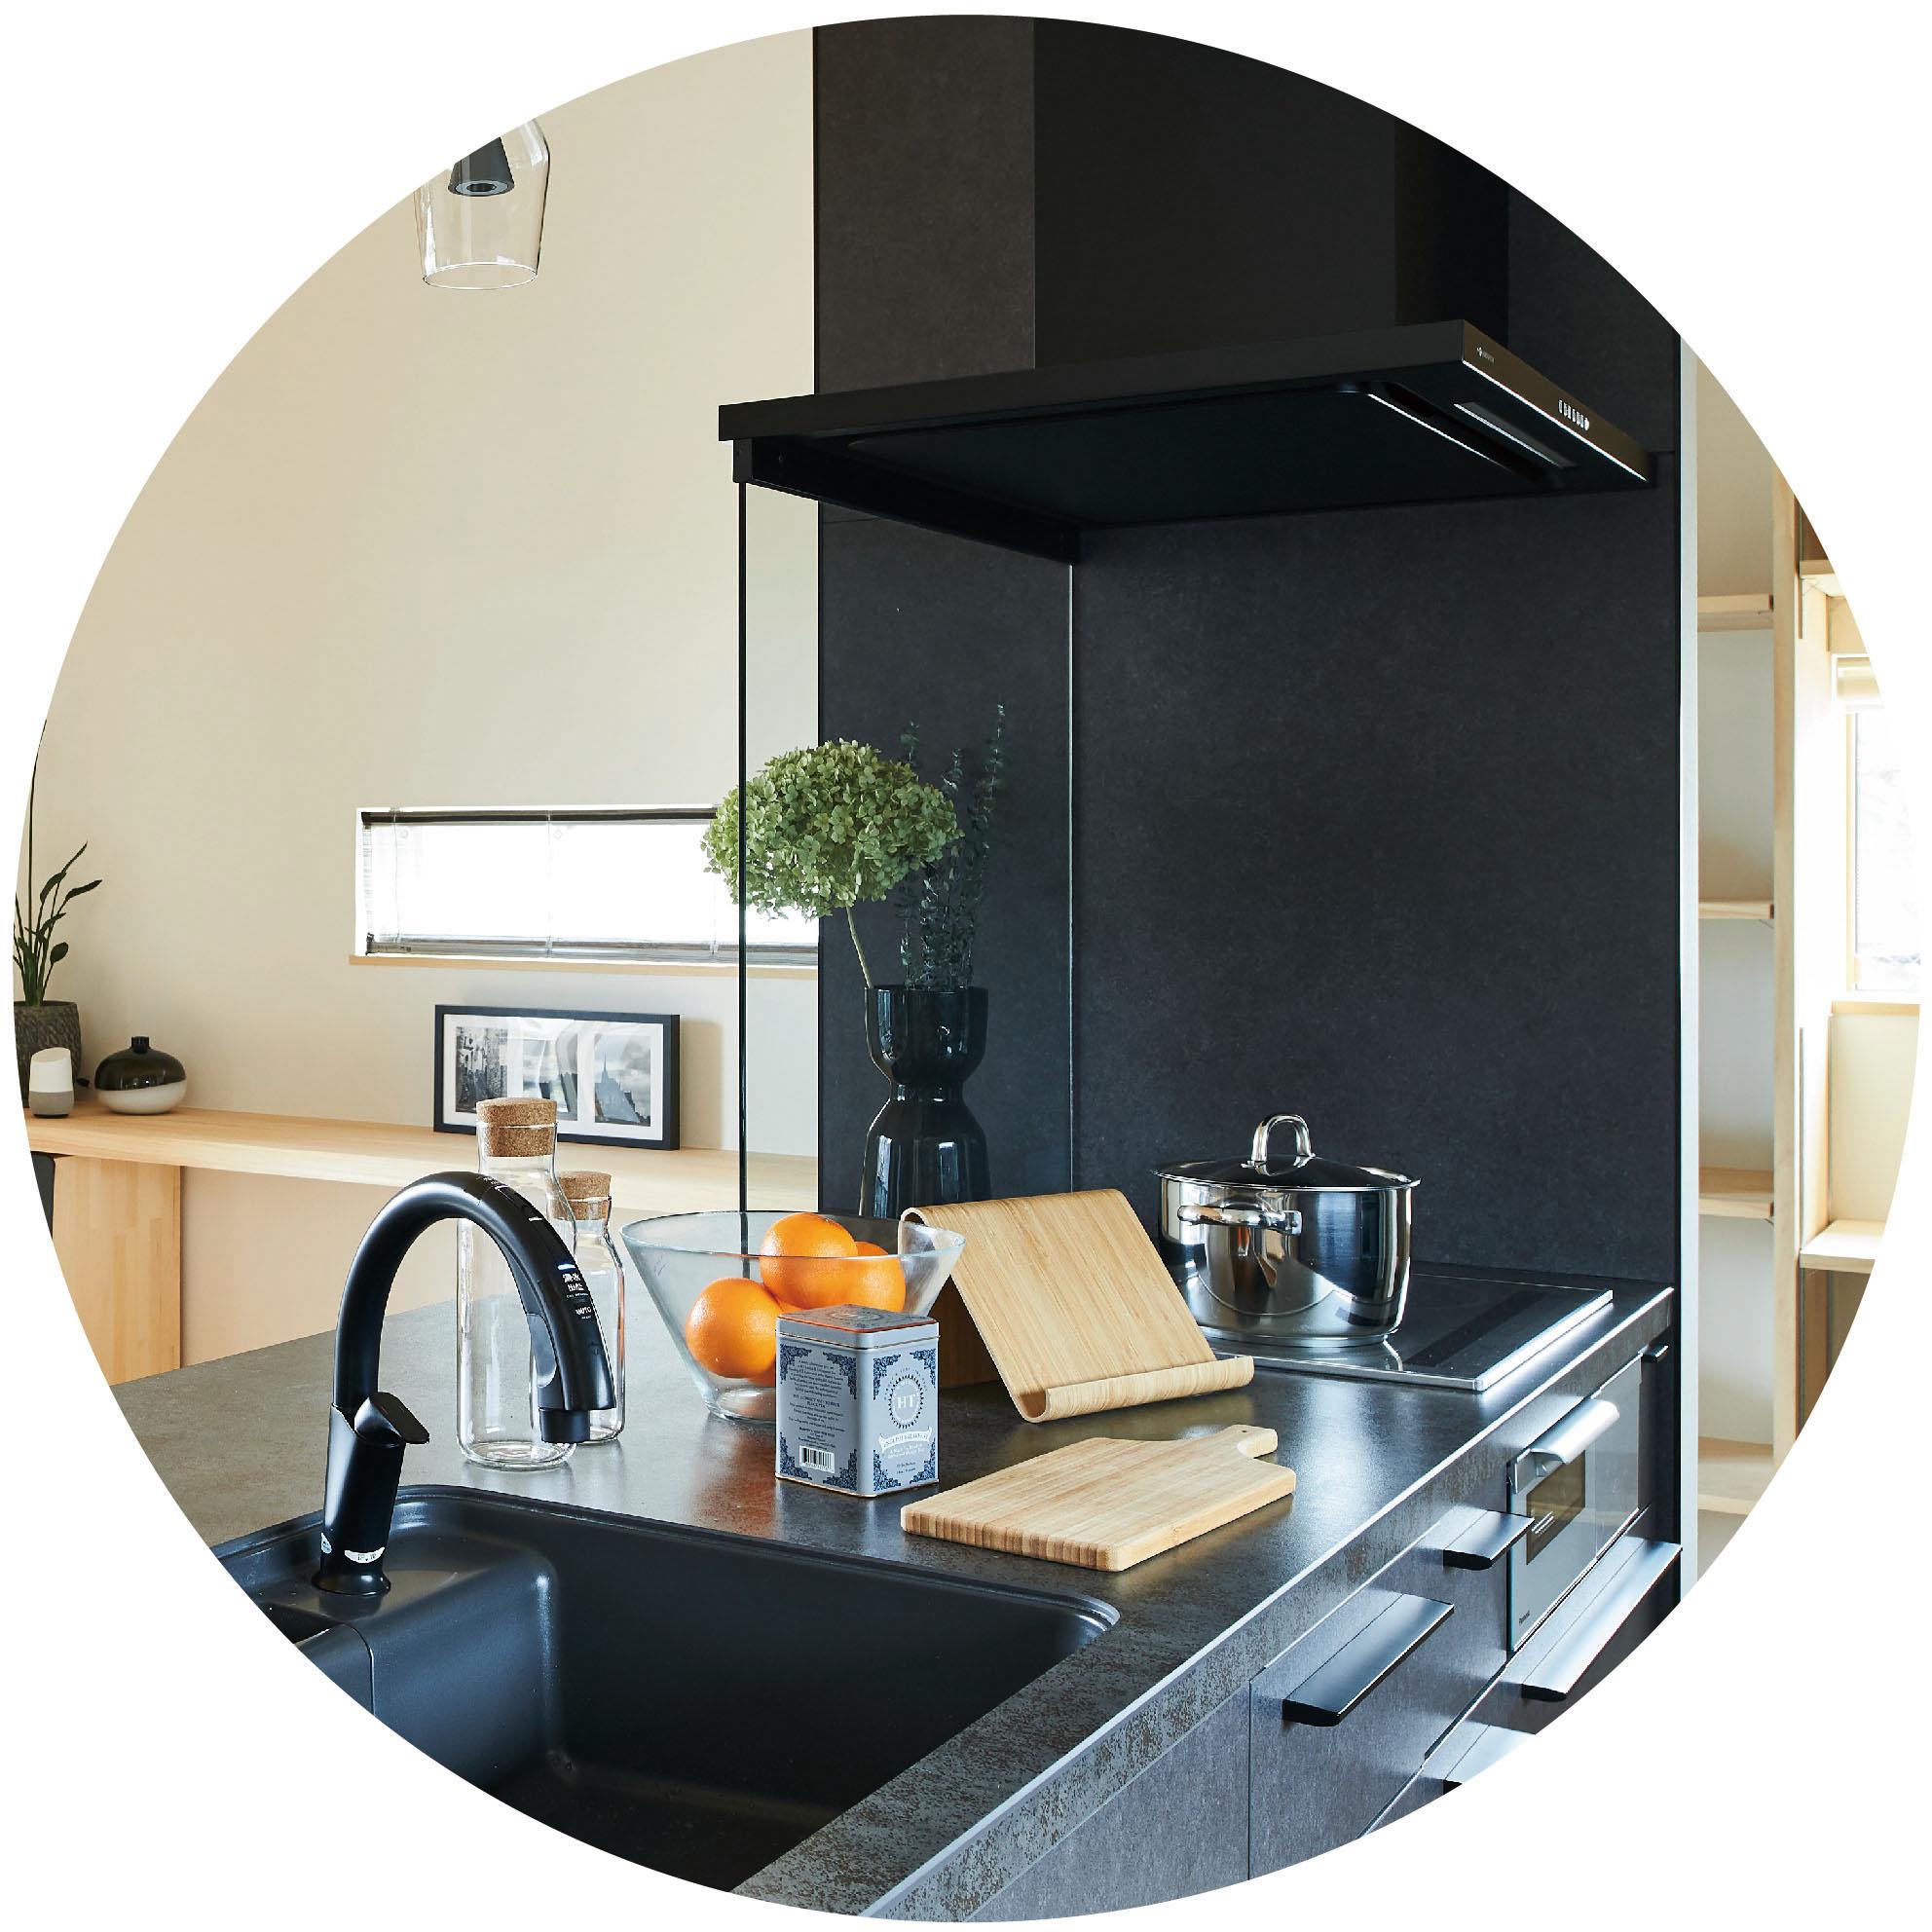 キッチンなど、長年住んでいく上で消耗が予想される場所は交換可能な既製品を使っております。永く住んで頂けるように細やかな工夫が凝らされています。